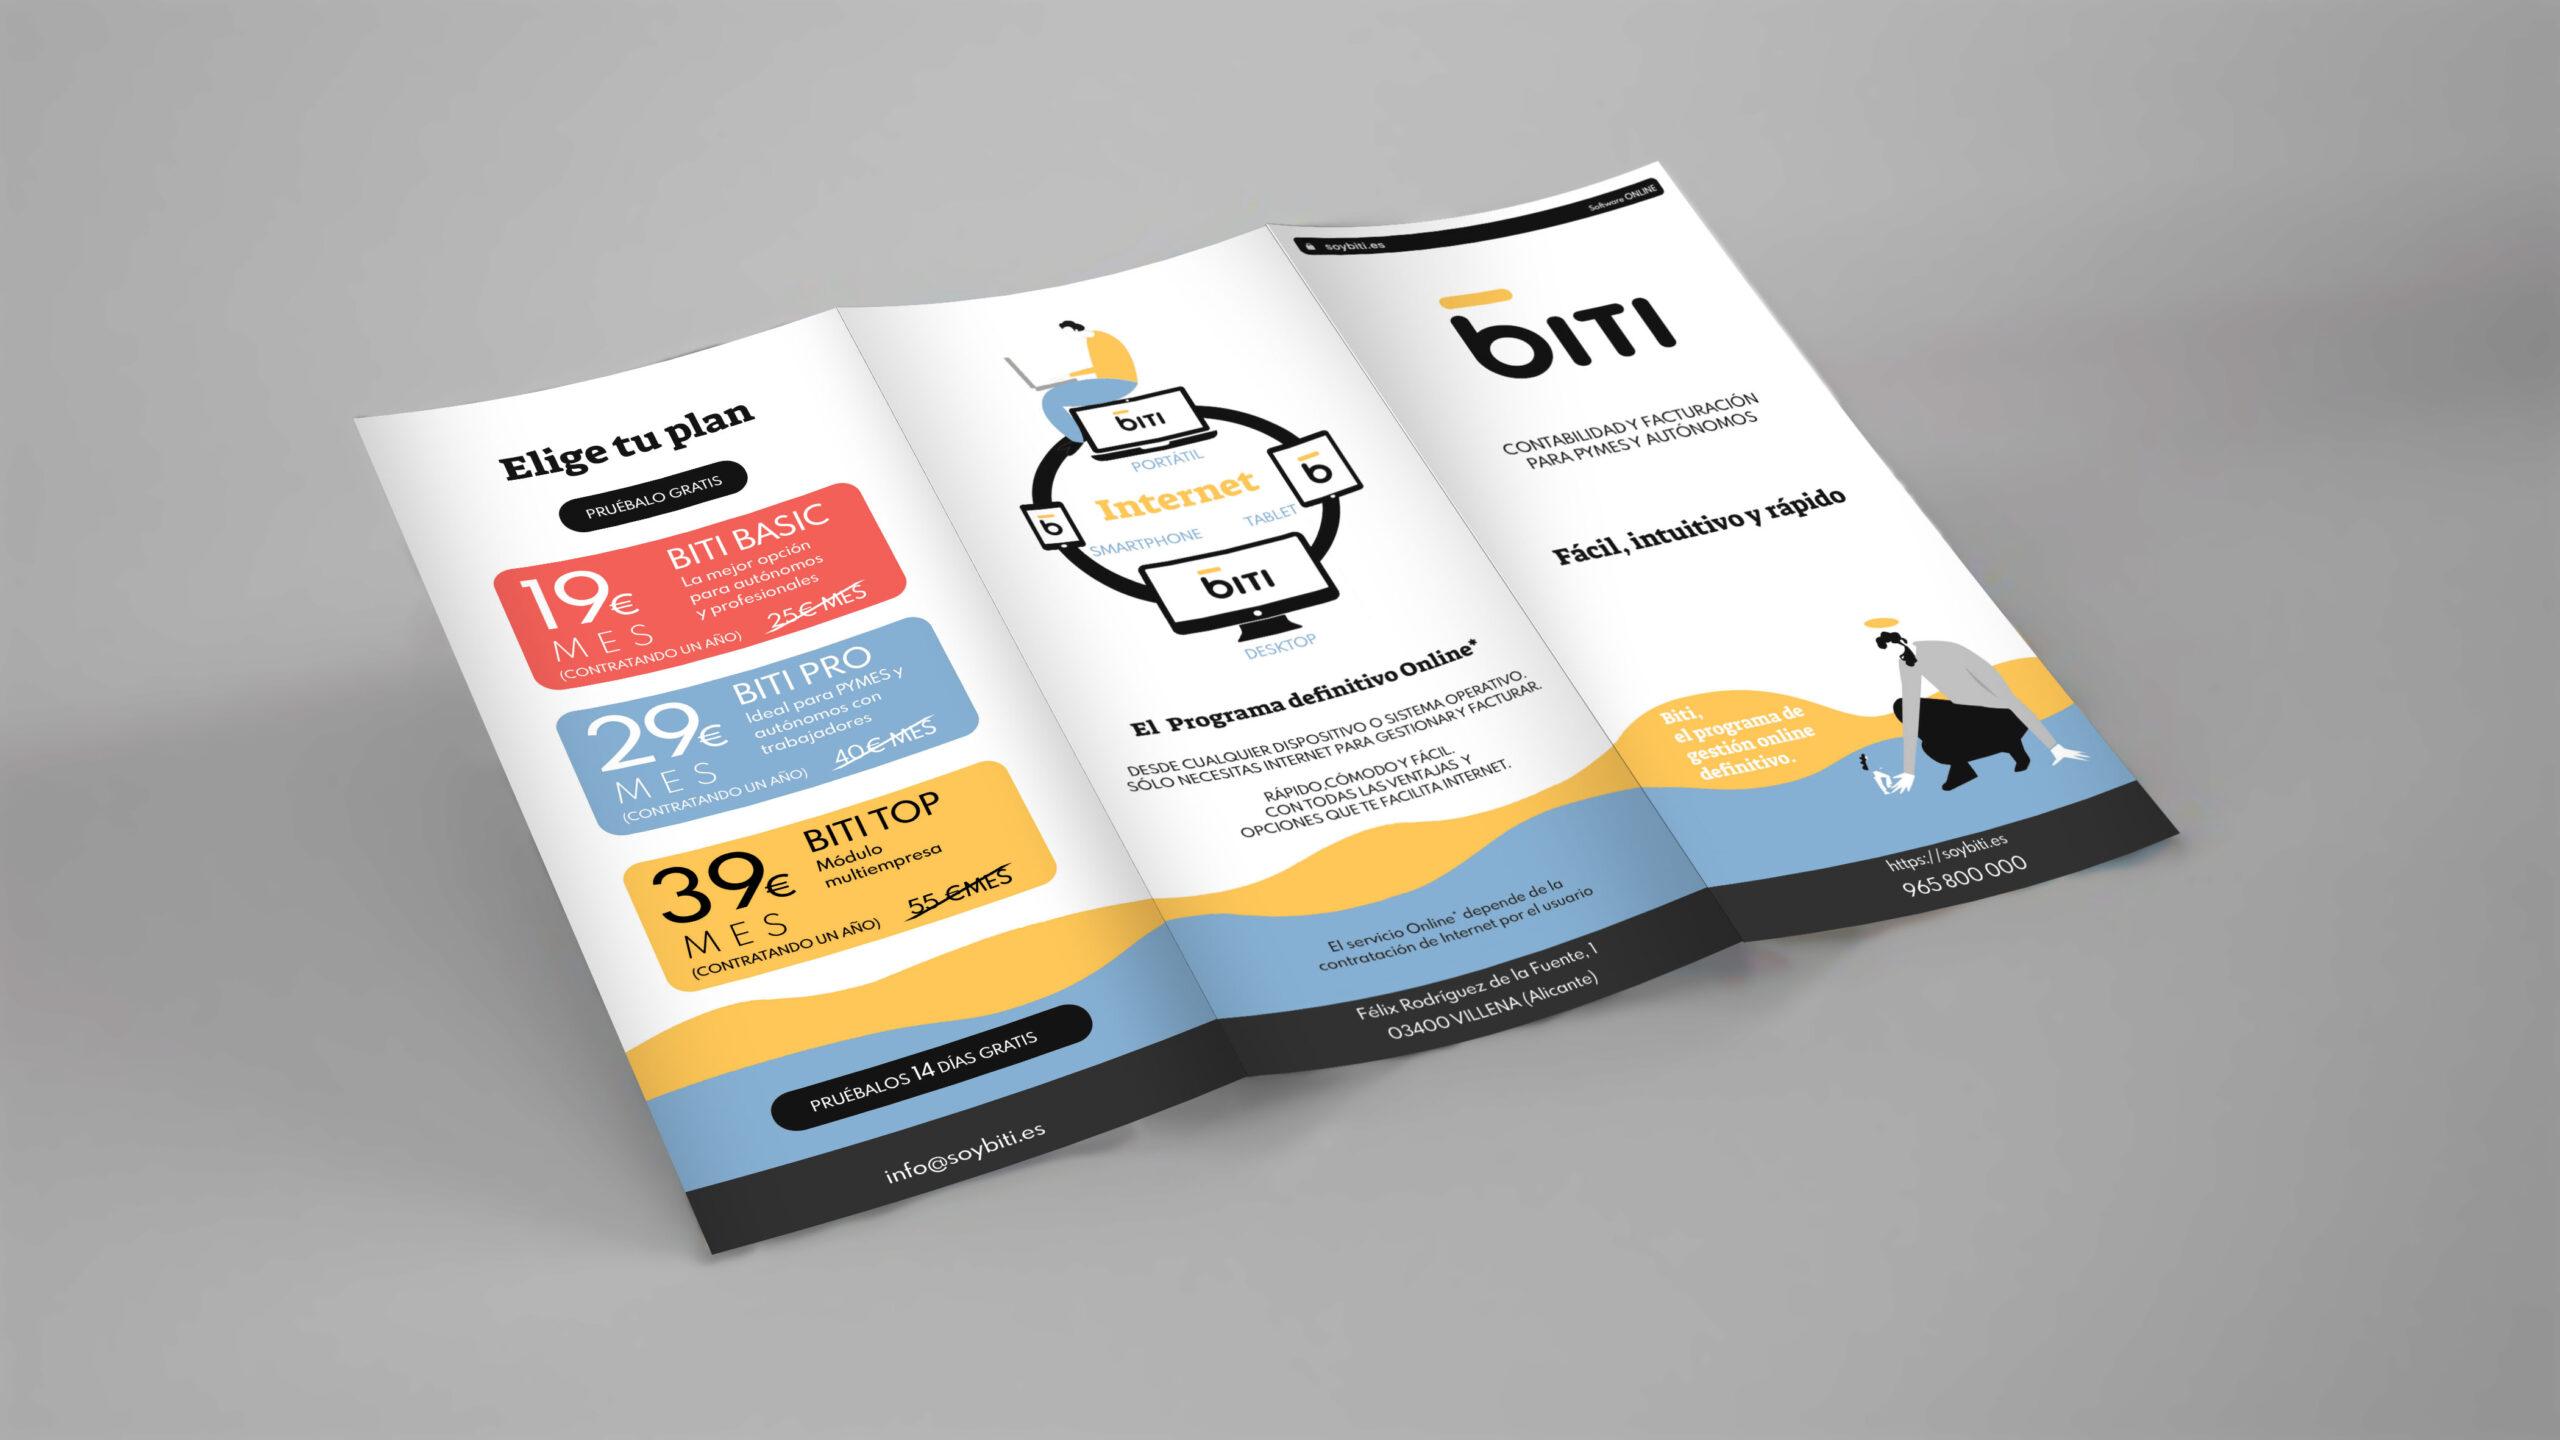 Biti es un sofware de gestión y administración de empresas